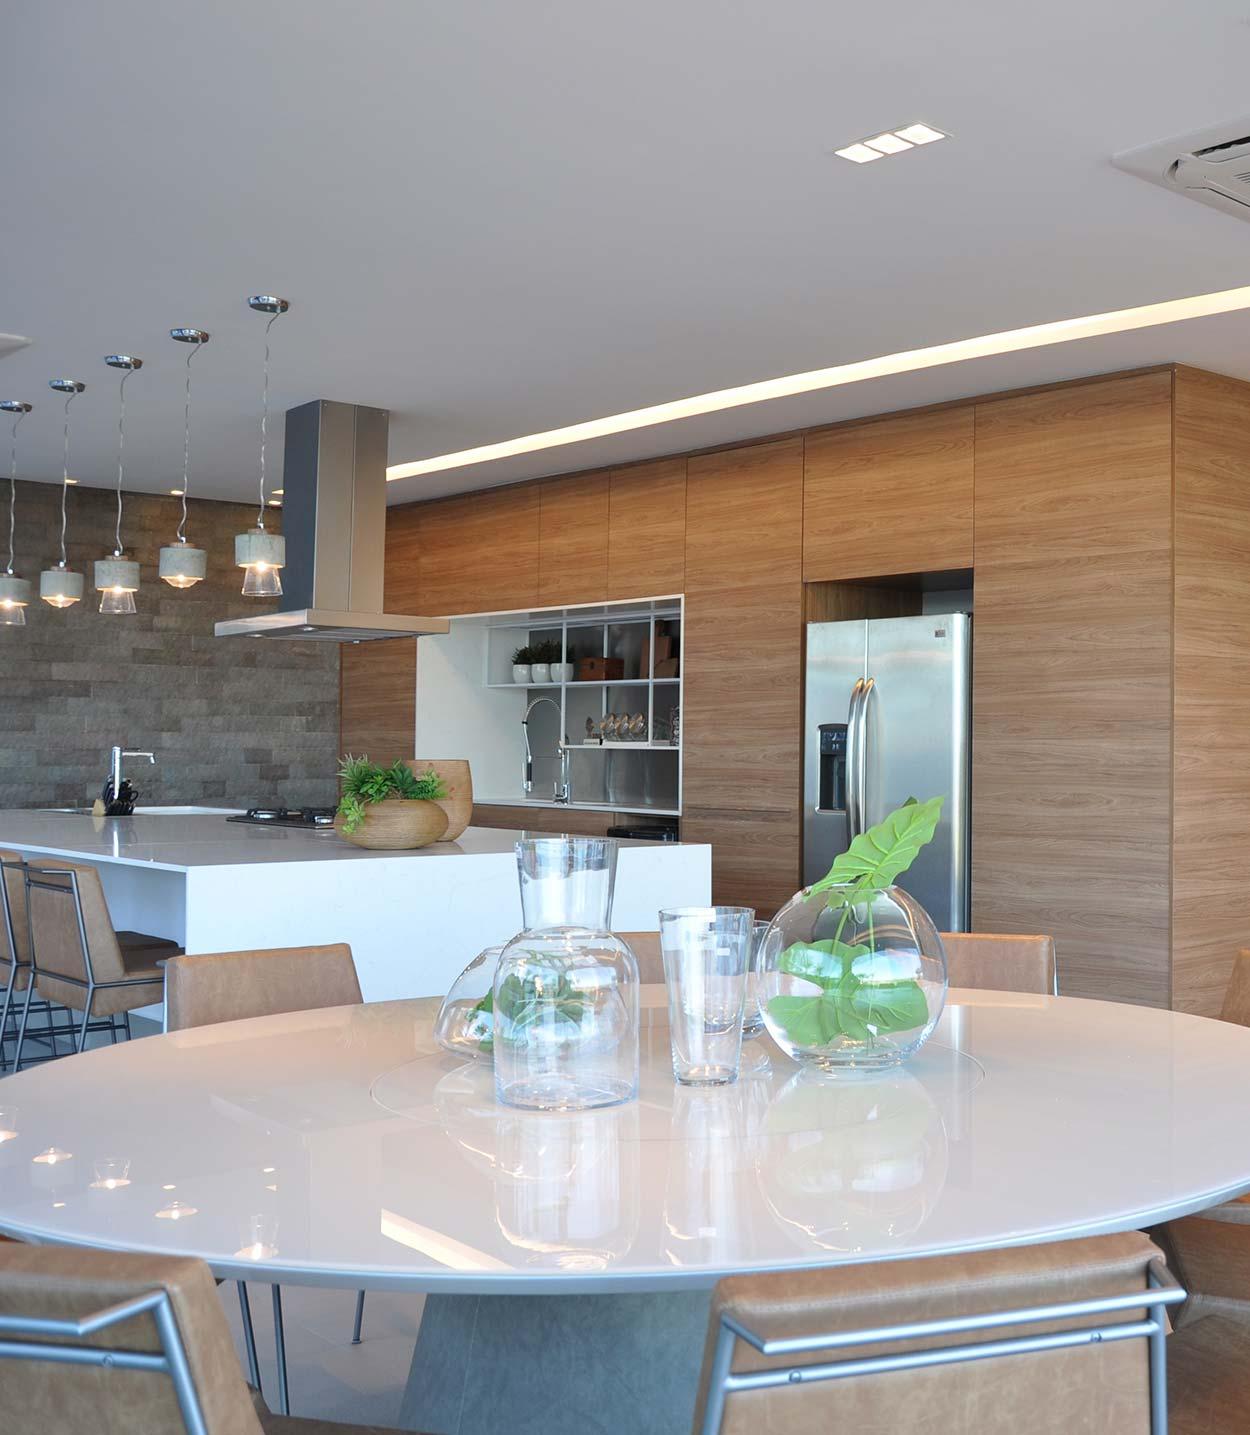 veridianaperes-interiores-residenciaFF22